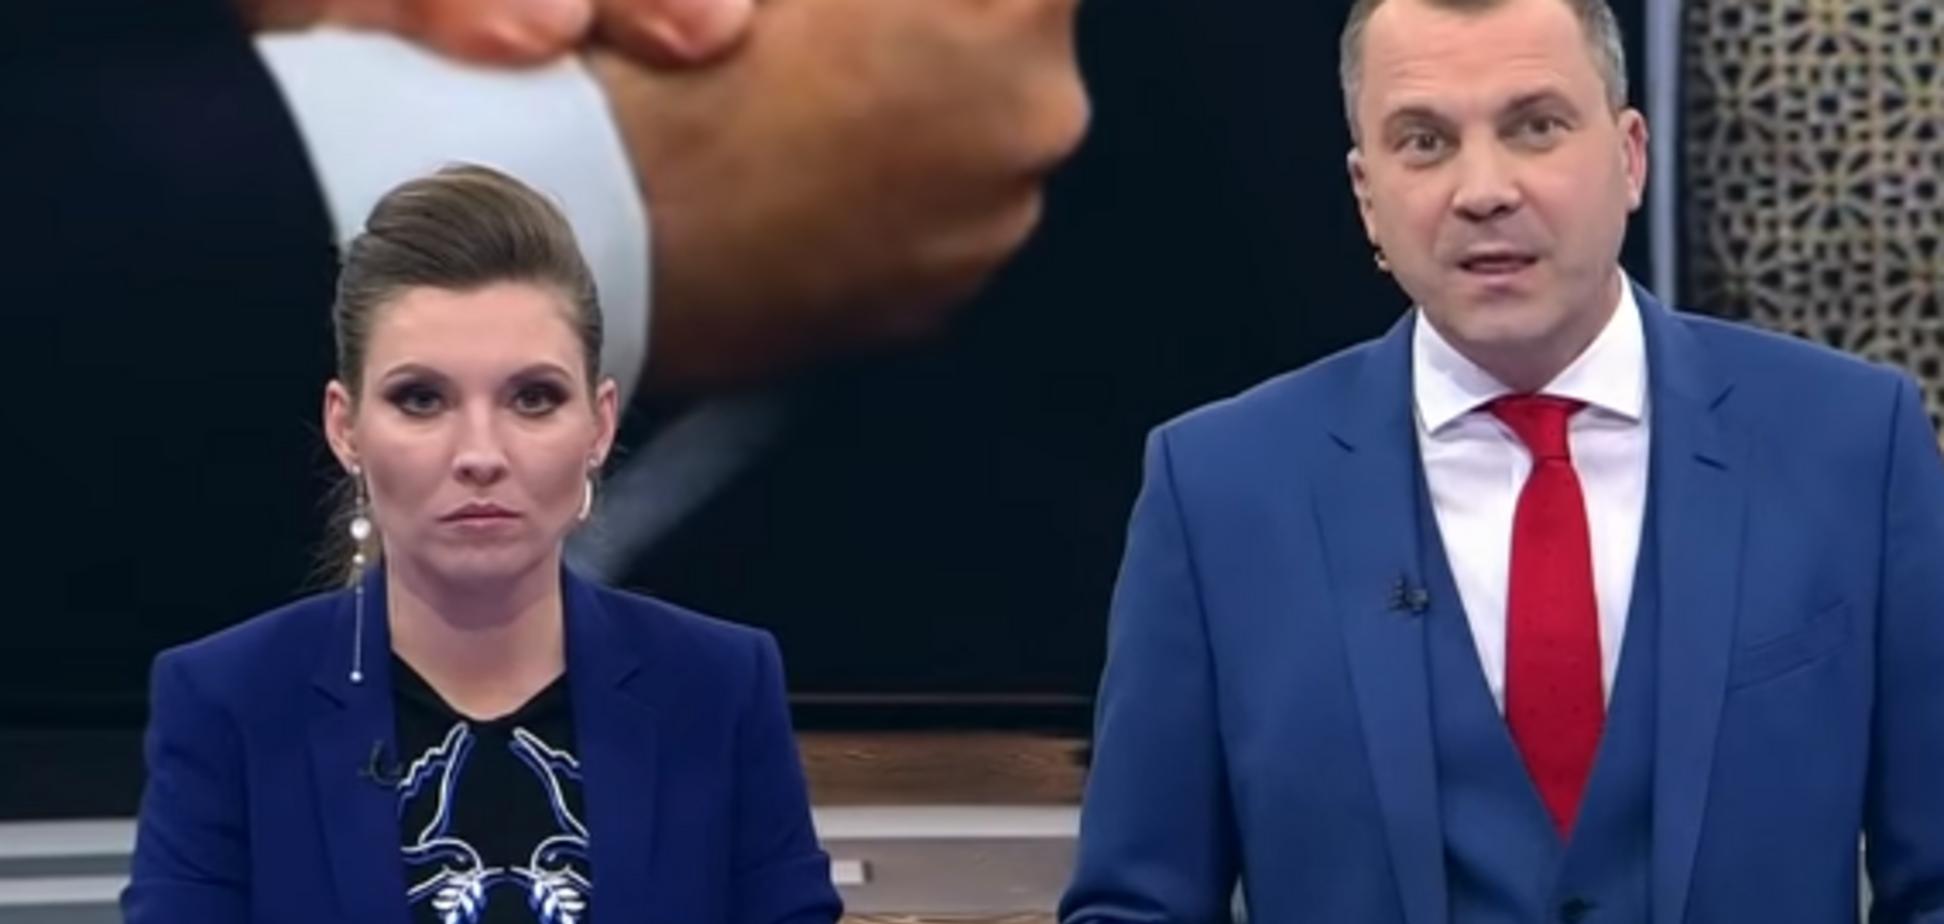 Трусливо промолчал: муж пропагандистки Скабеевой отказался защитить ее честь